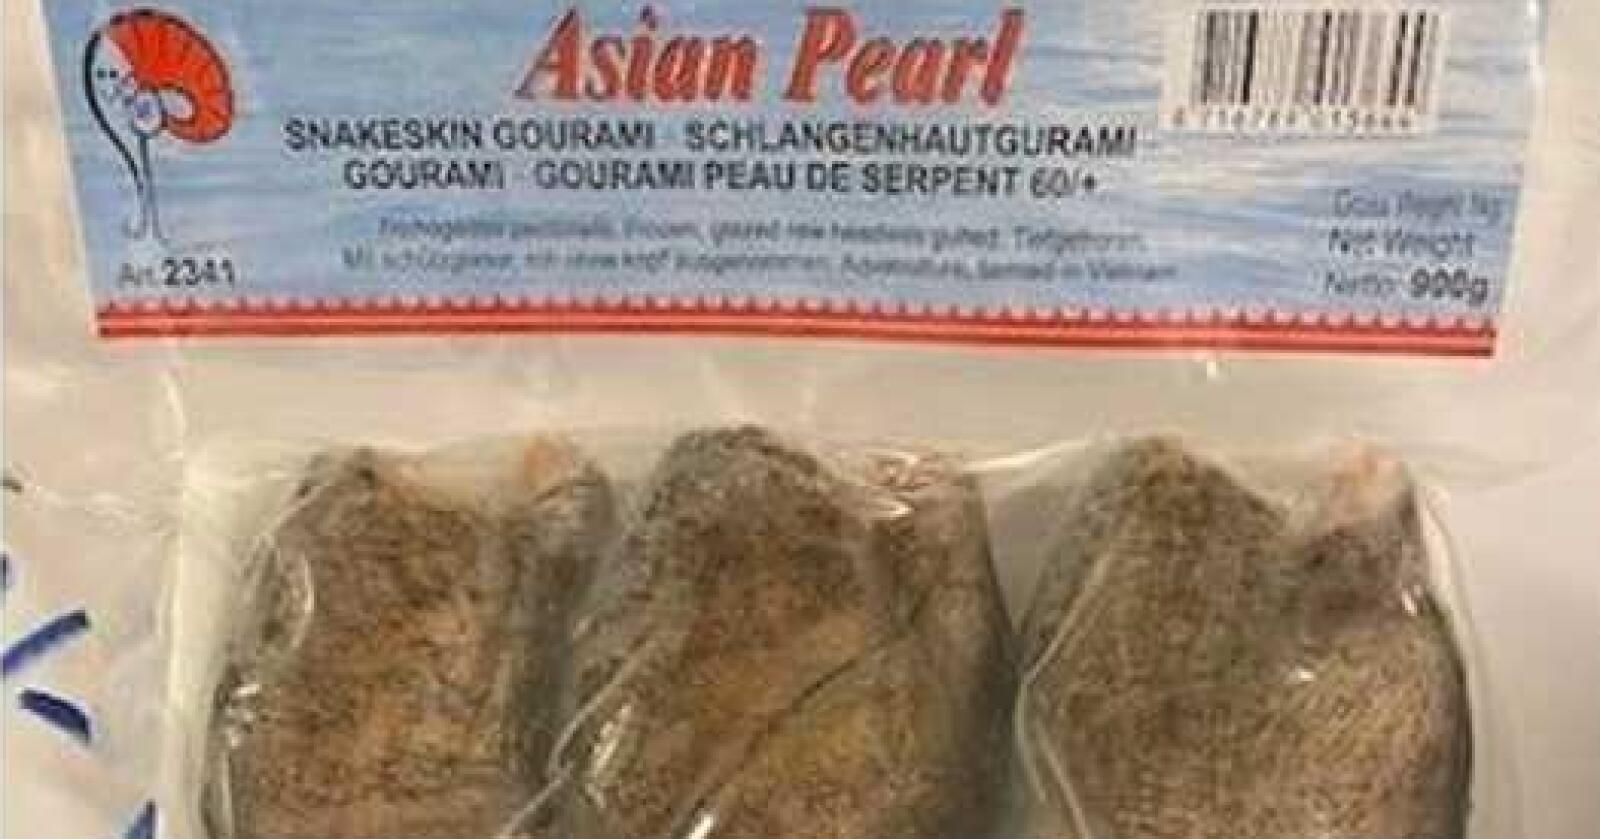 Sletten Norge AS trekker tilbake produktet «Asian Pearl, Snakeskin Gourami». Foto: Sletten Norge AS